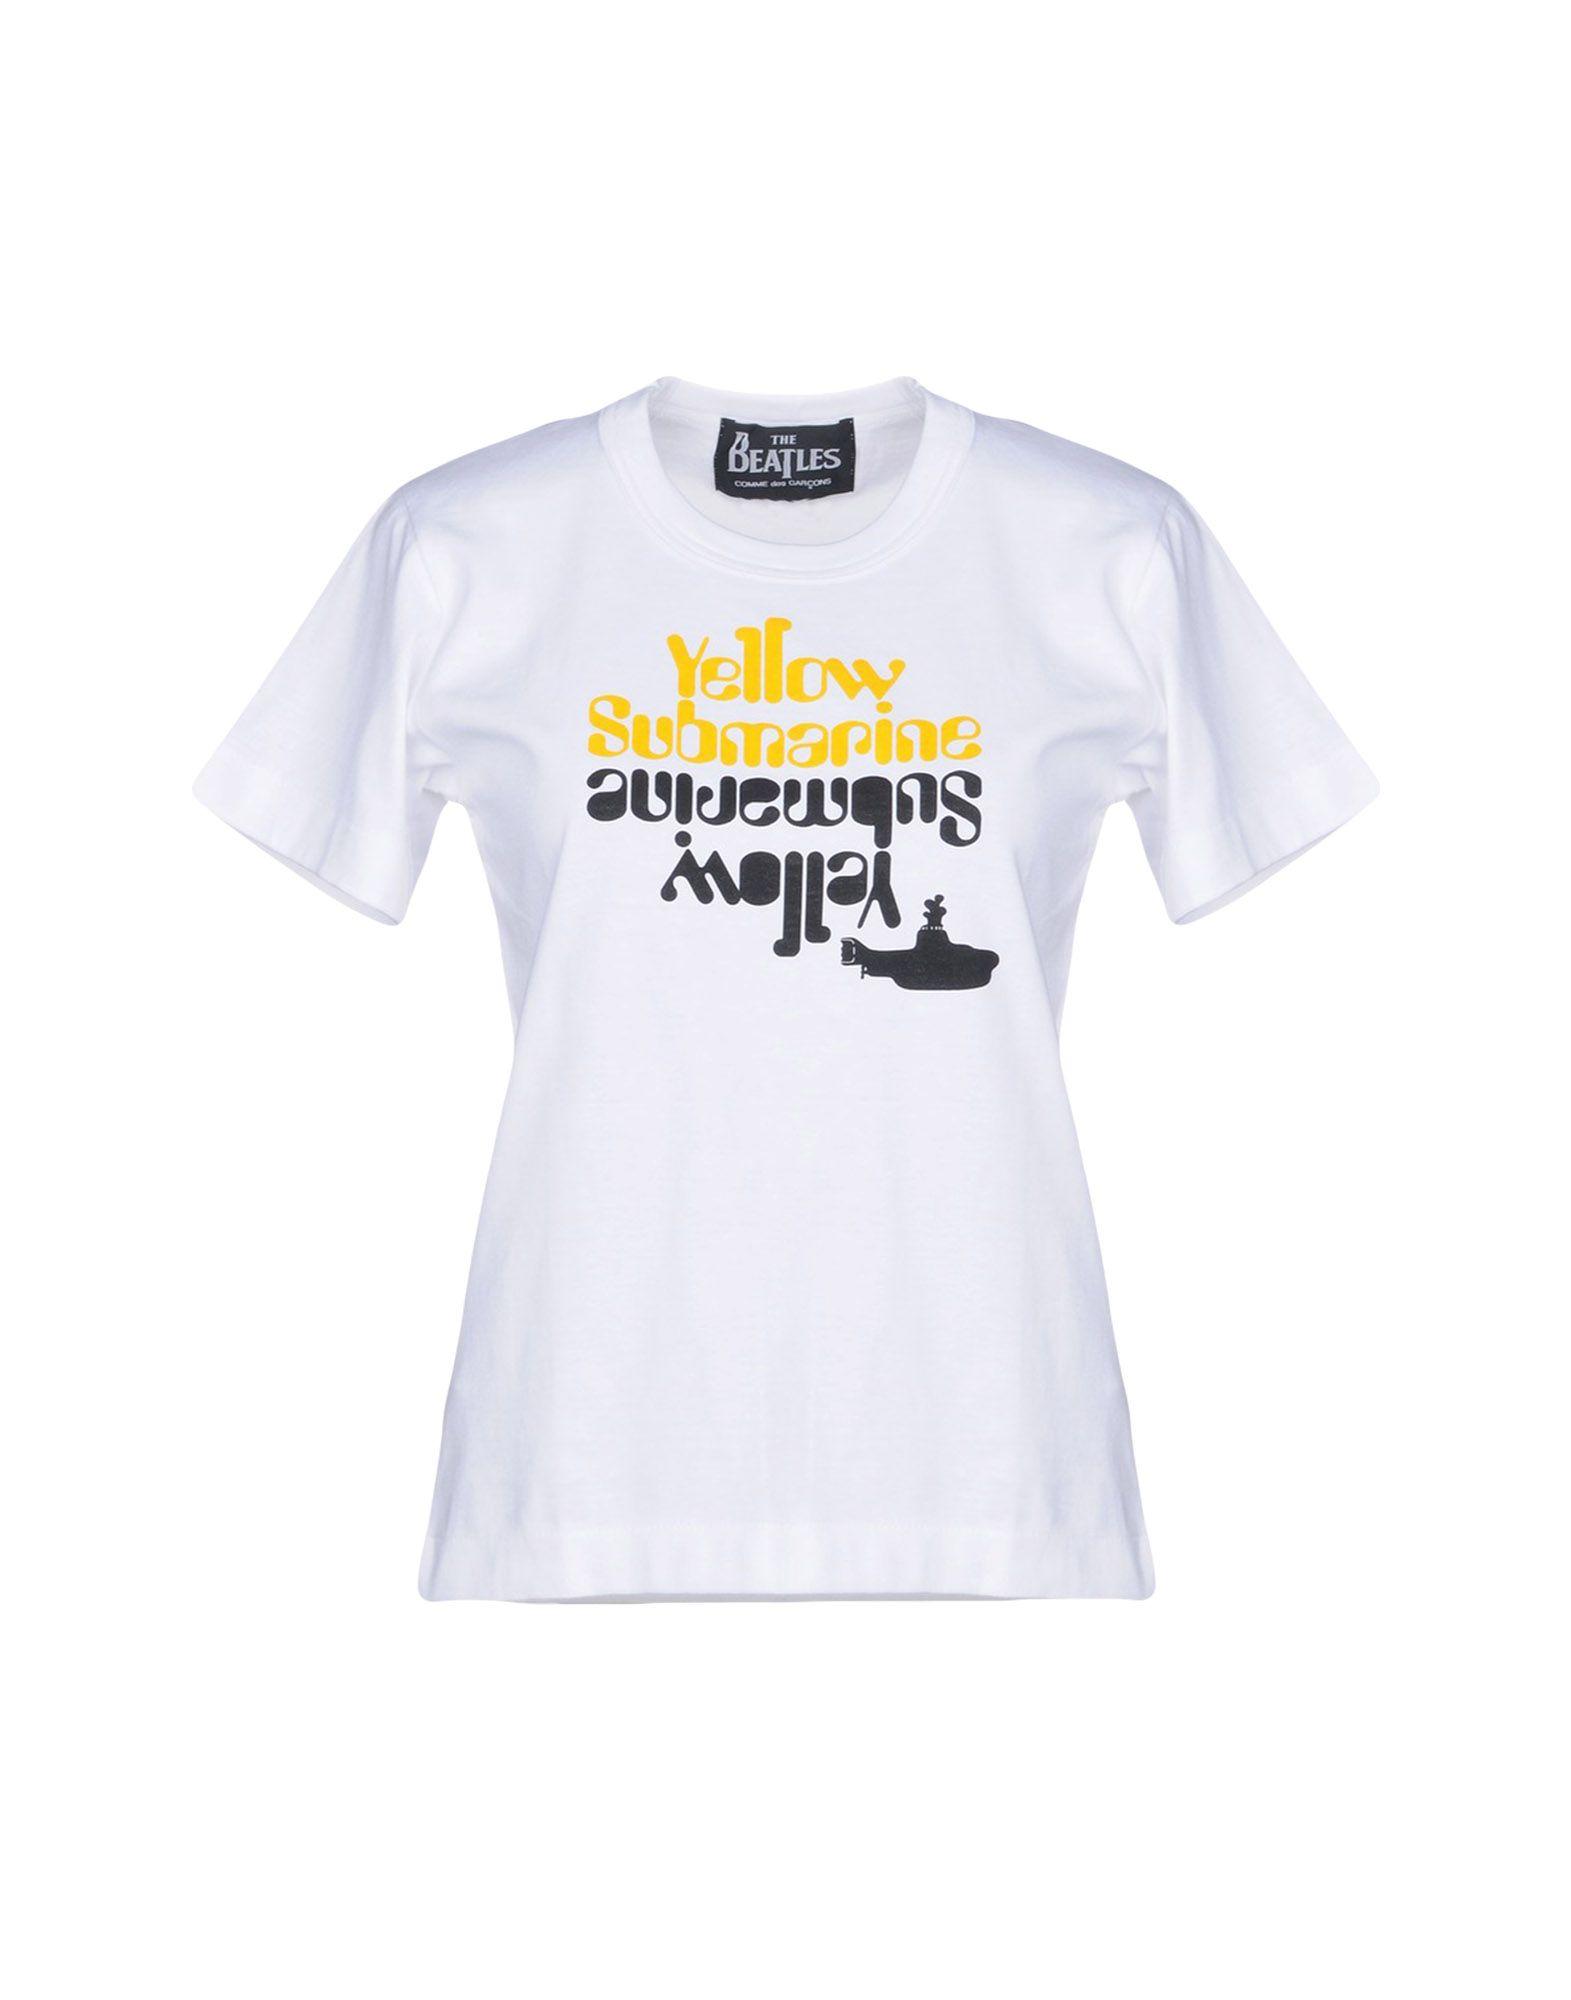 THE BEATLES by COMME DES GARCONS Футболка футболка классическая printio the beatles